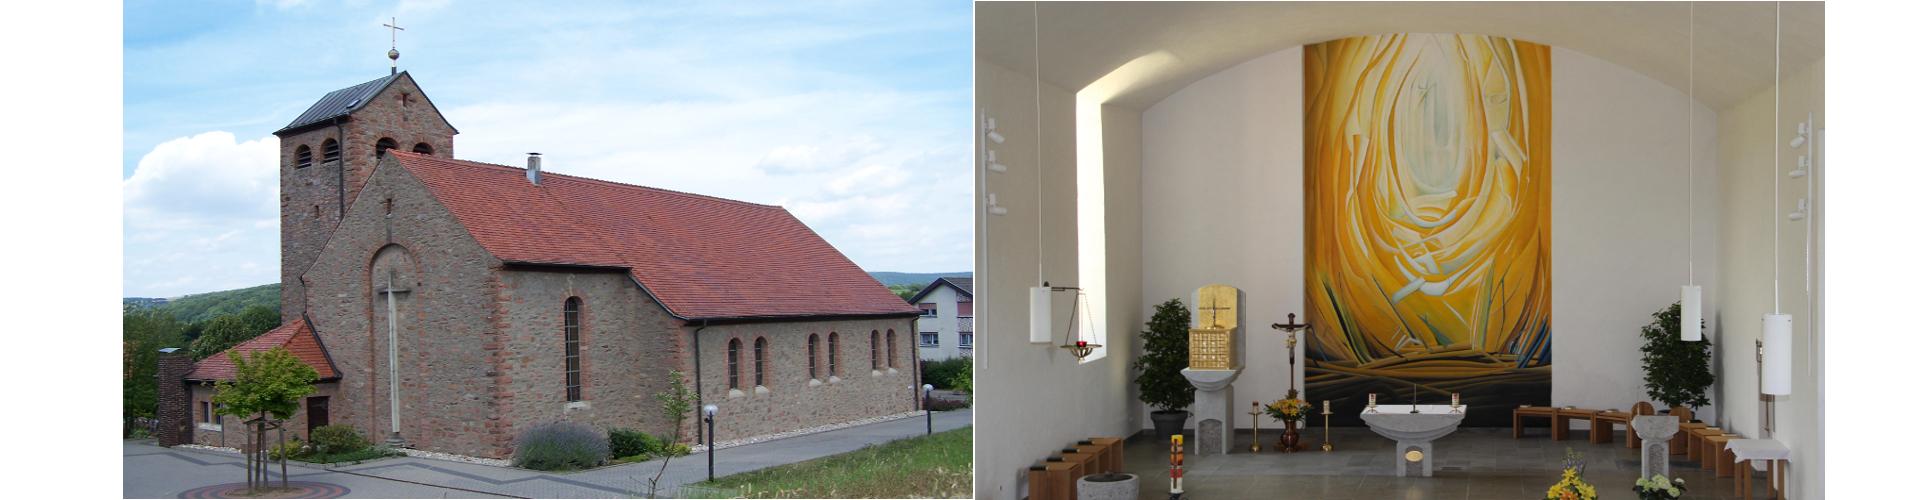 Kirche-Schneppenbach-Slider